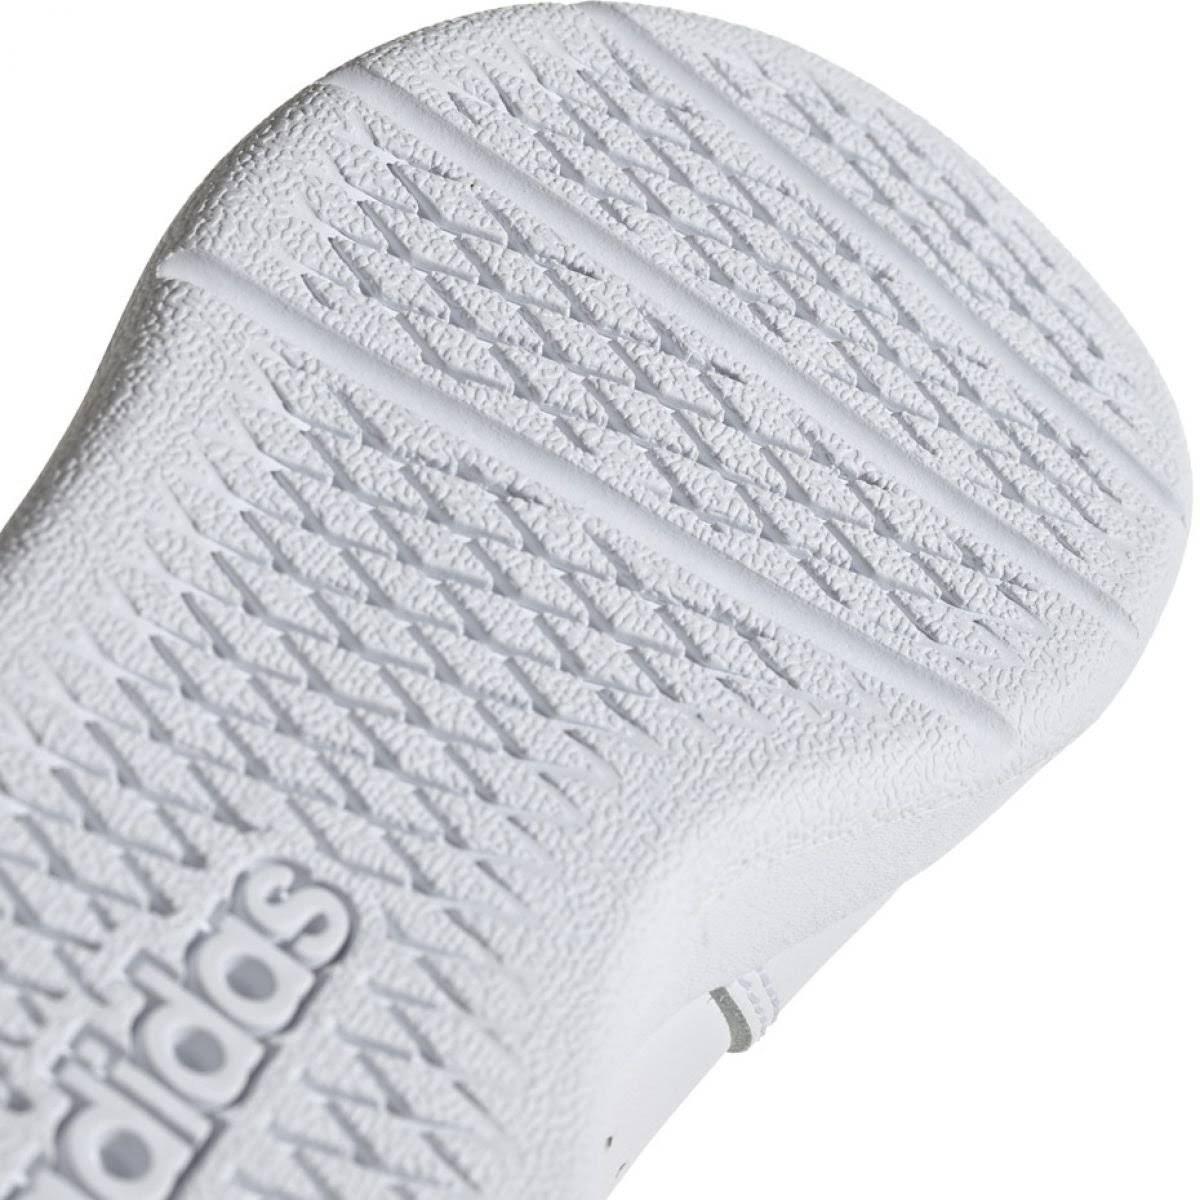 Scarpe Adidas Tensaur C EF1097 Bianco  7vEM8D